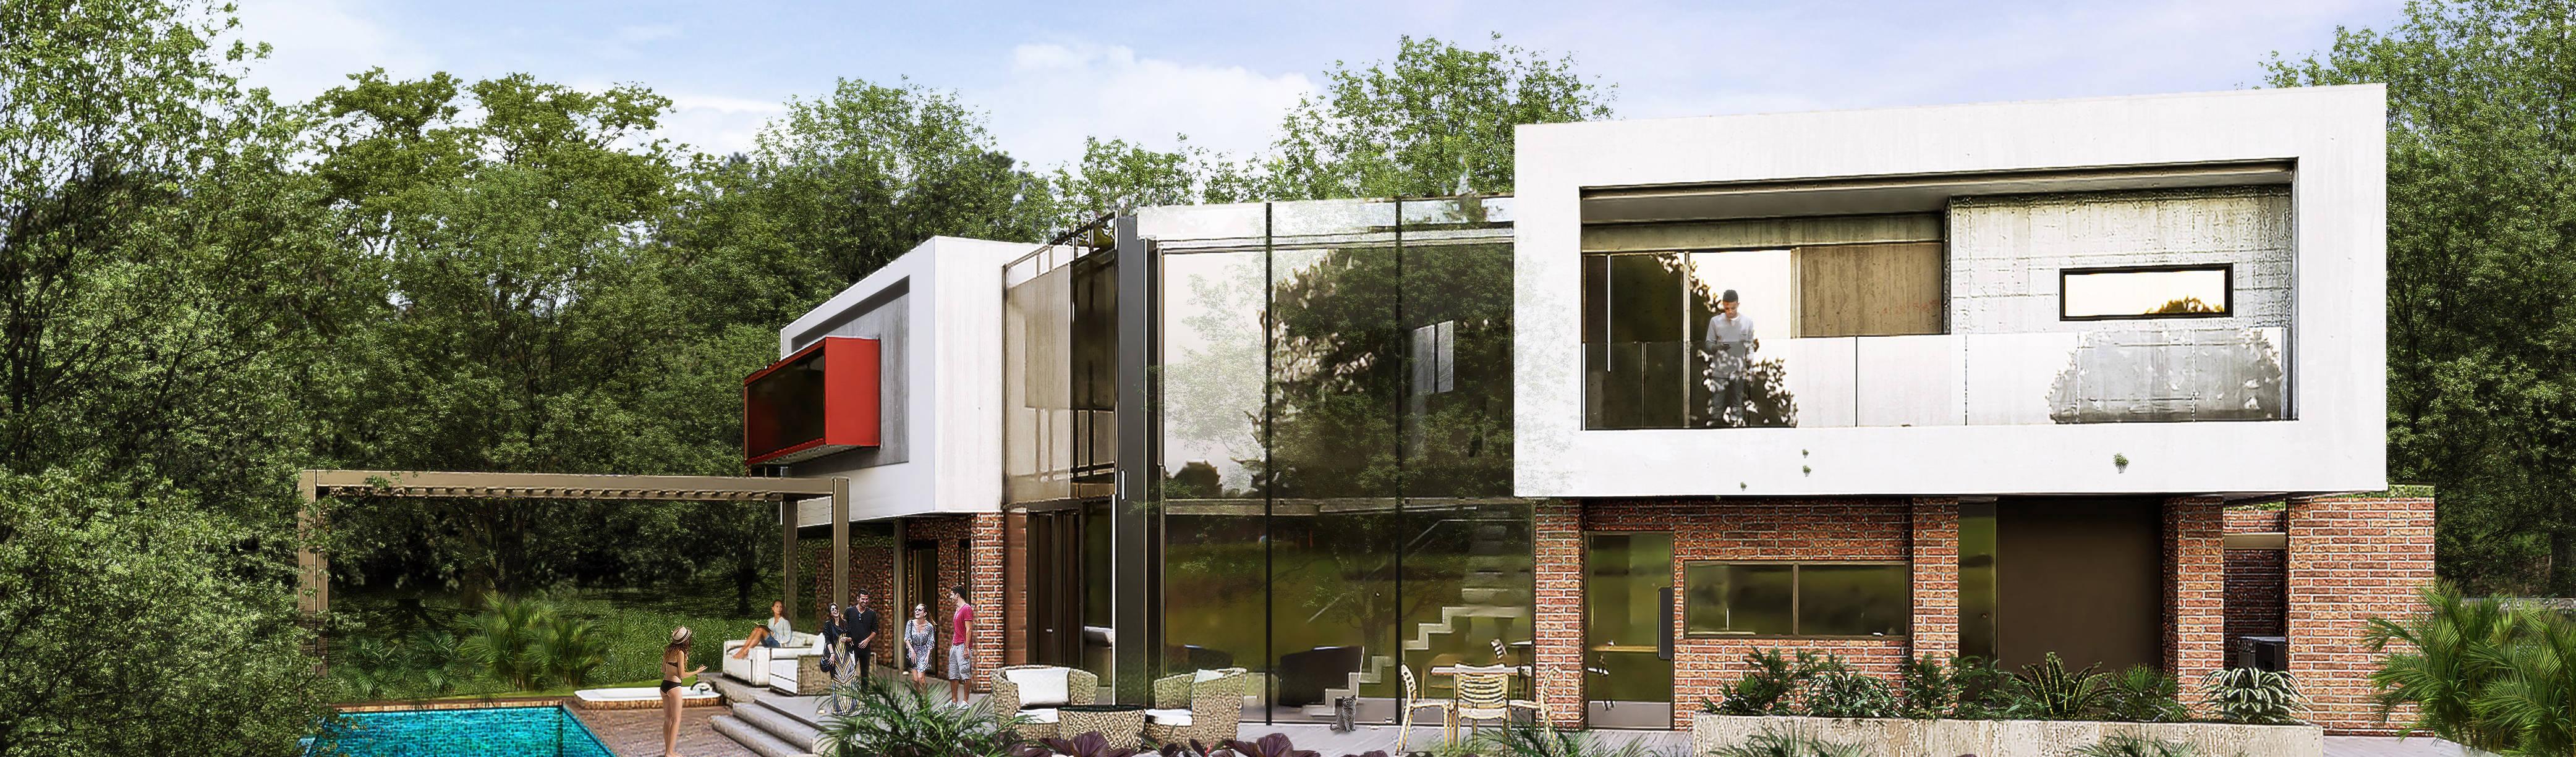 Mir Estudio—Arquitectura y Visualización 3D